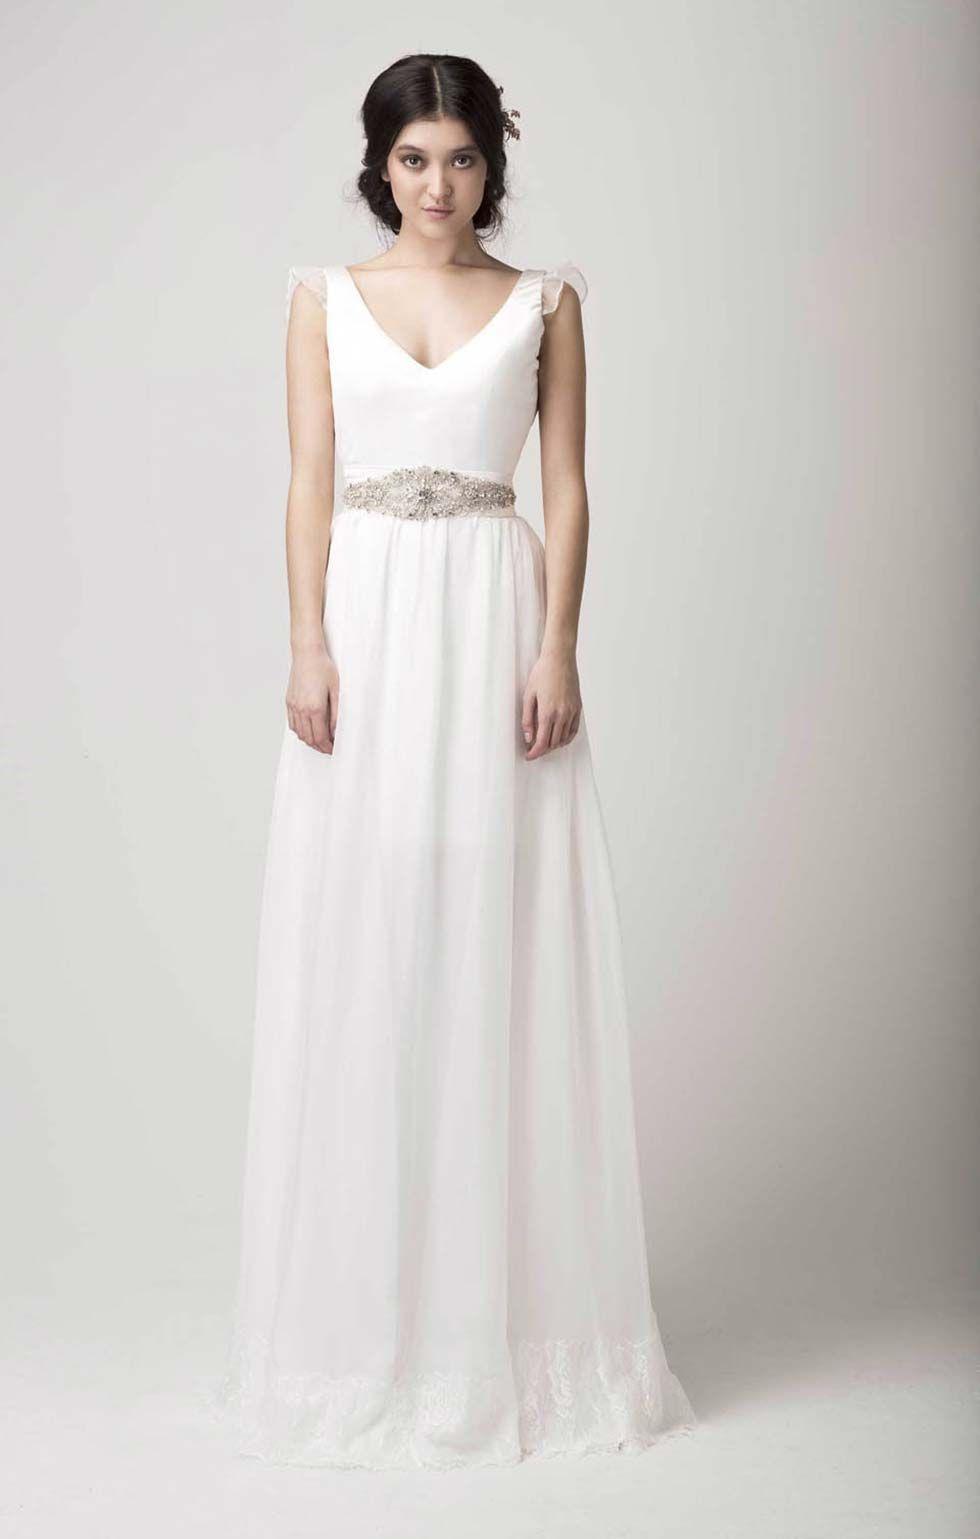 Groß Las Vegas Arthochzeitskleider Fotos - Brautkleider Ideen ...